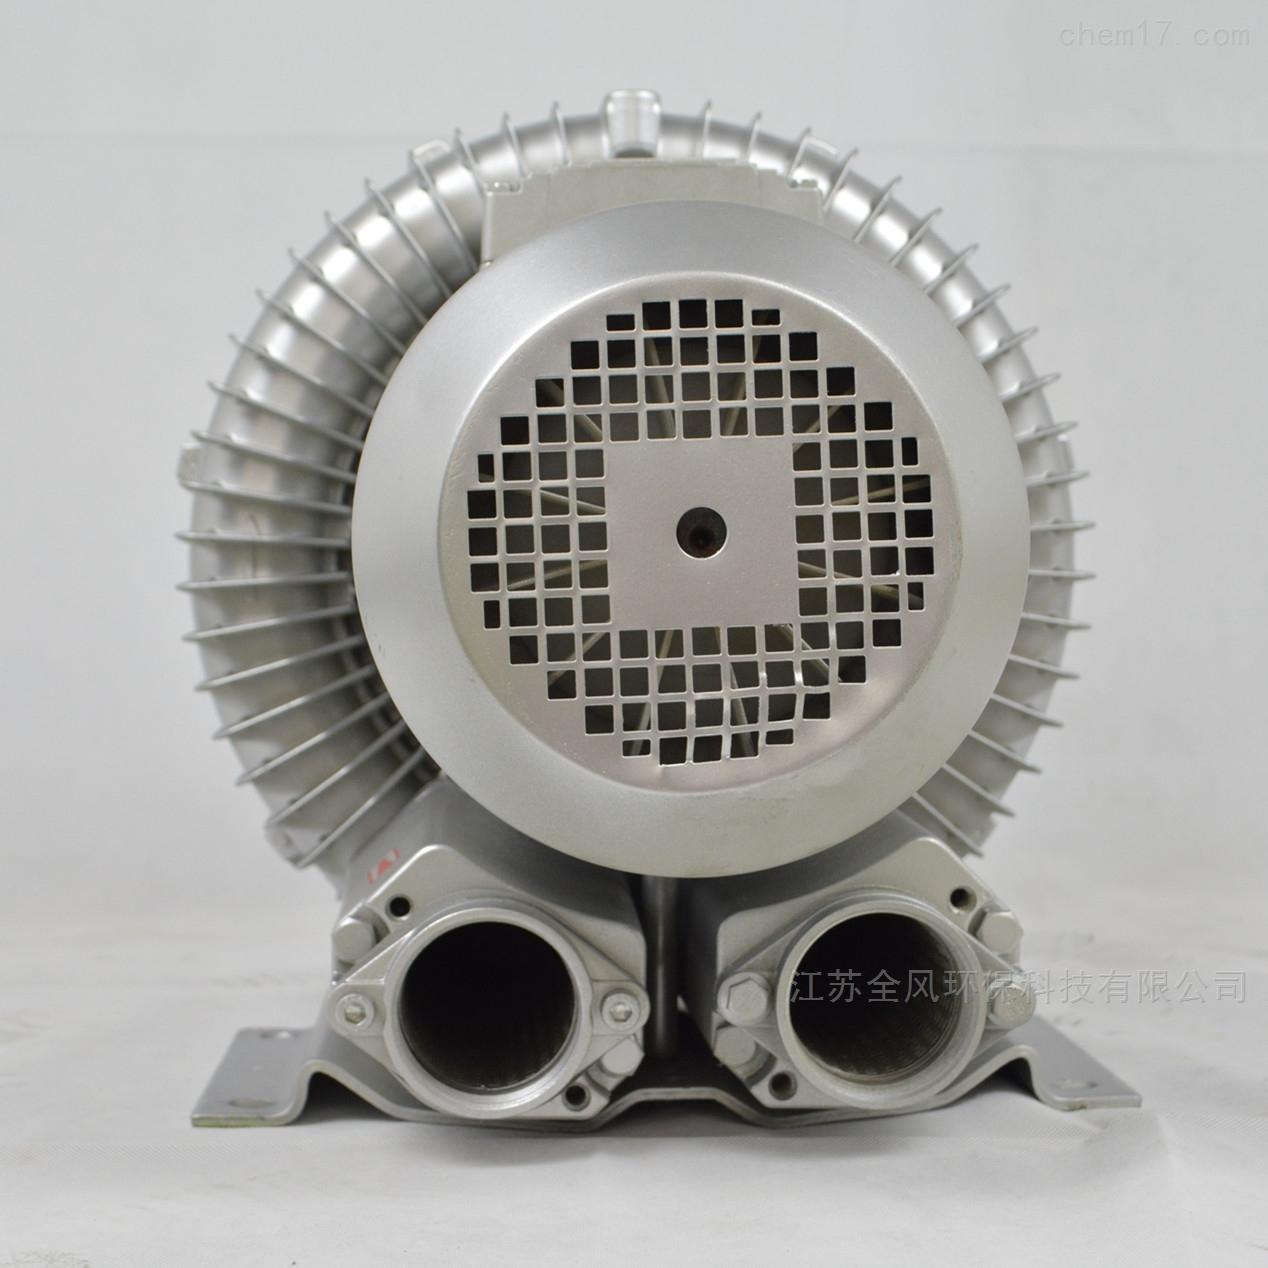 上料高压风机用于注塑机的真空风送上料